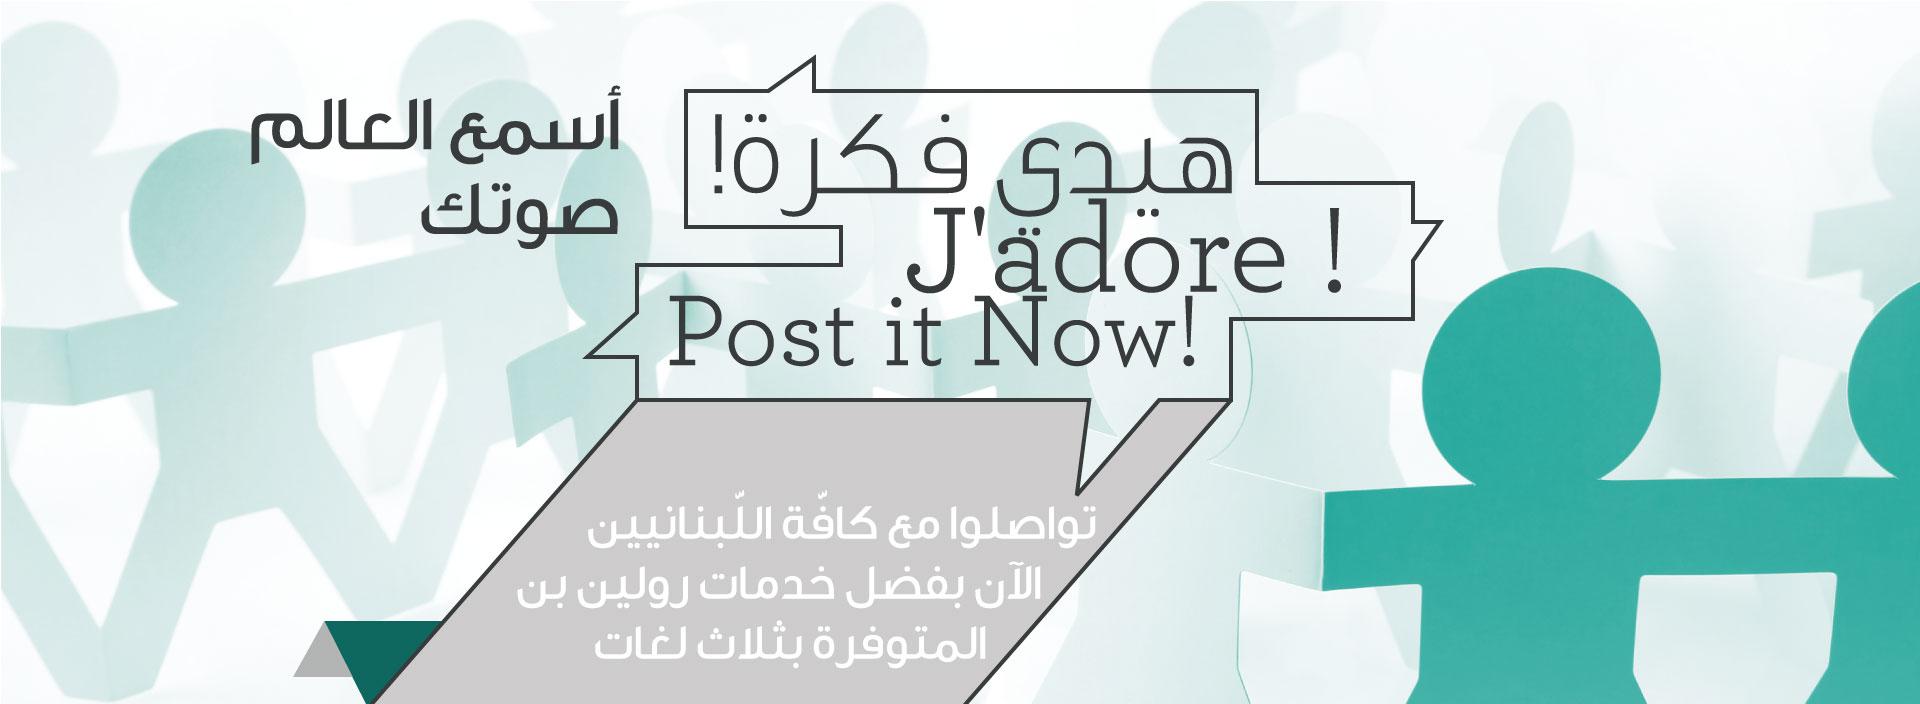 rolinpen_arabic_voice_heard